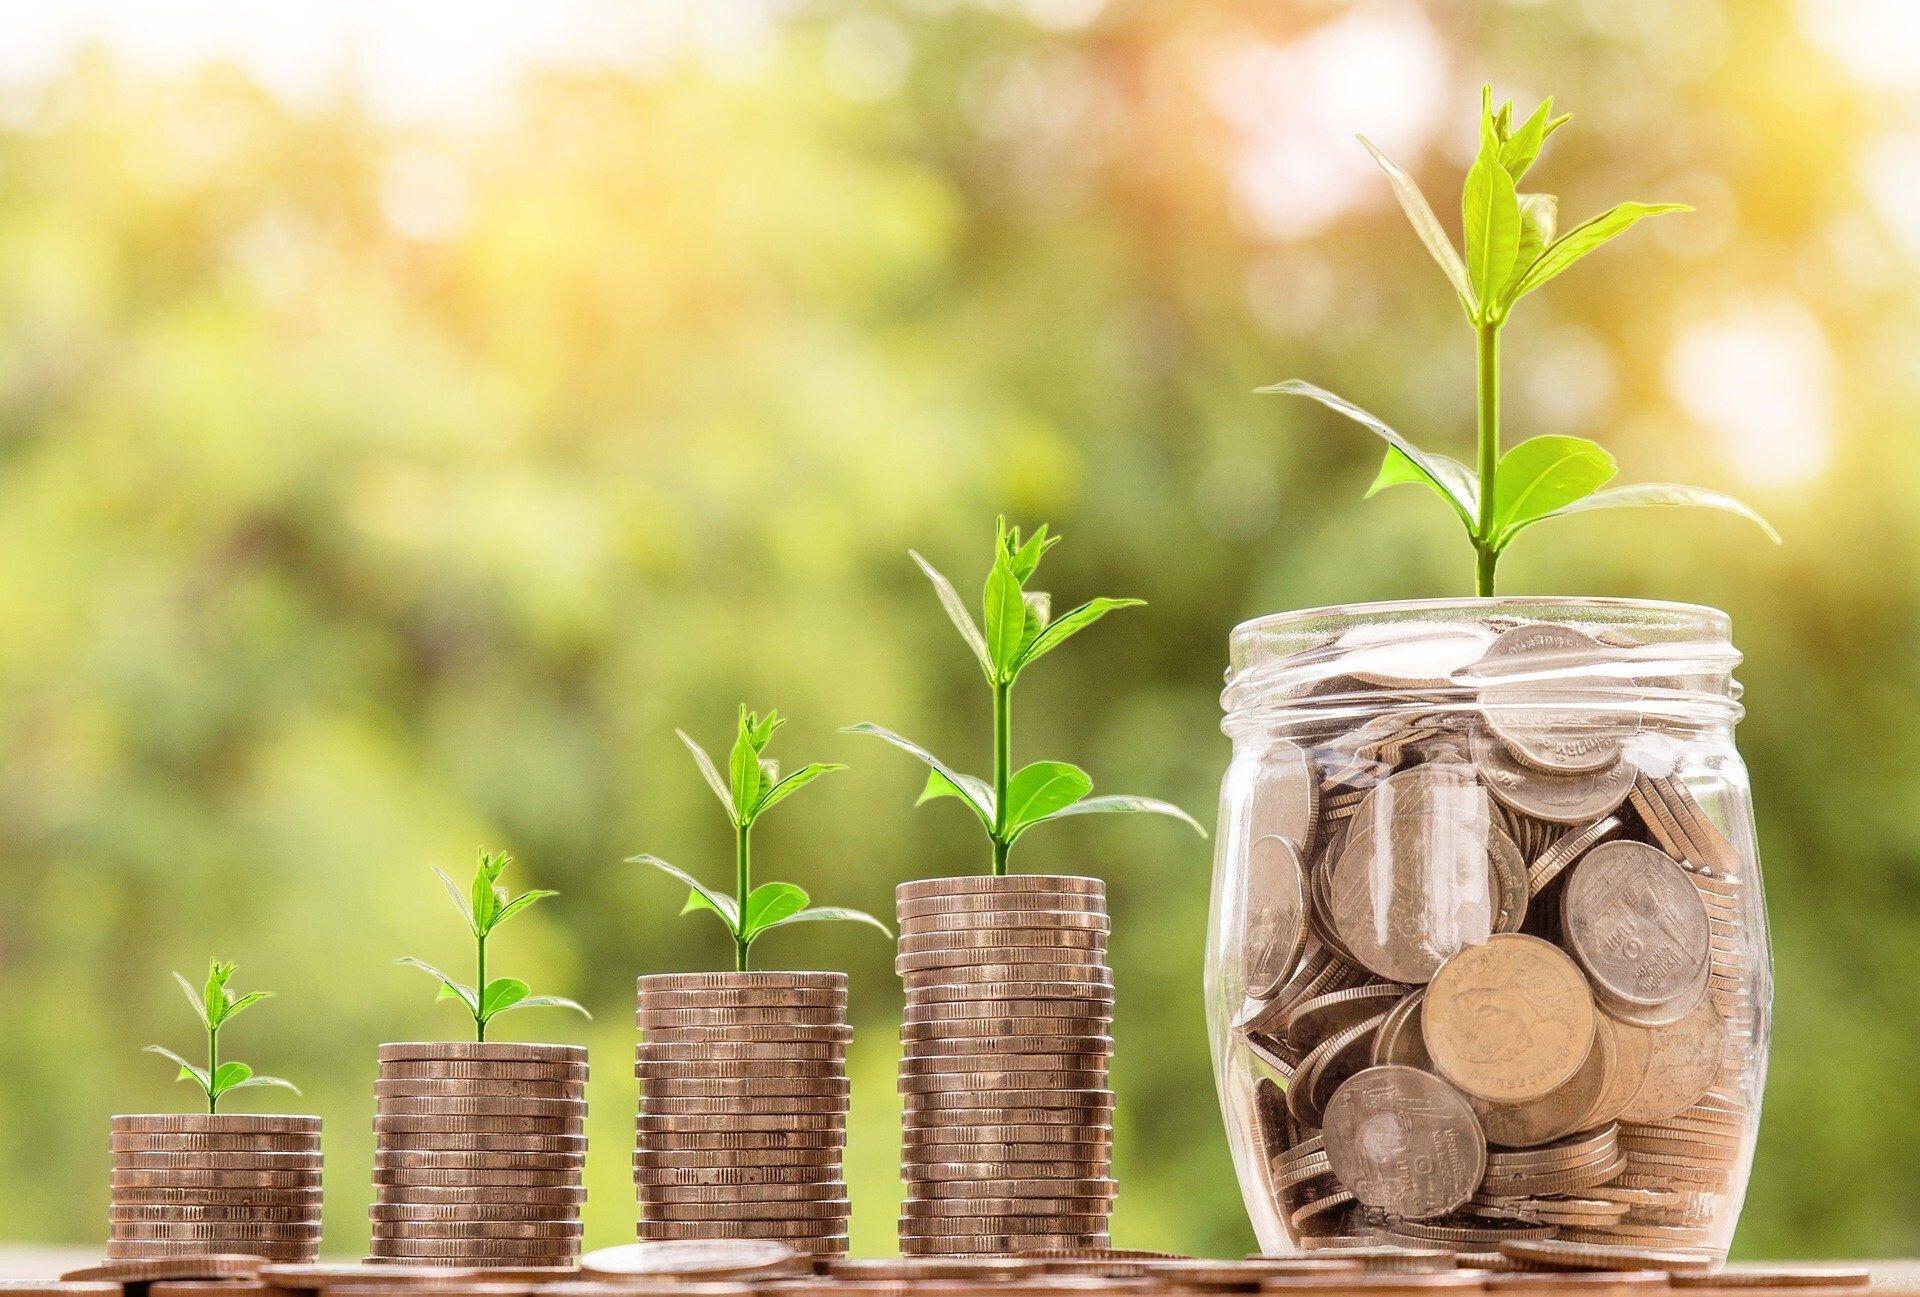 Finanzielle Allgemeinbildung macht zufrieden und wohlhabend